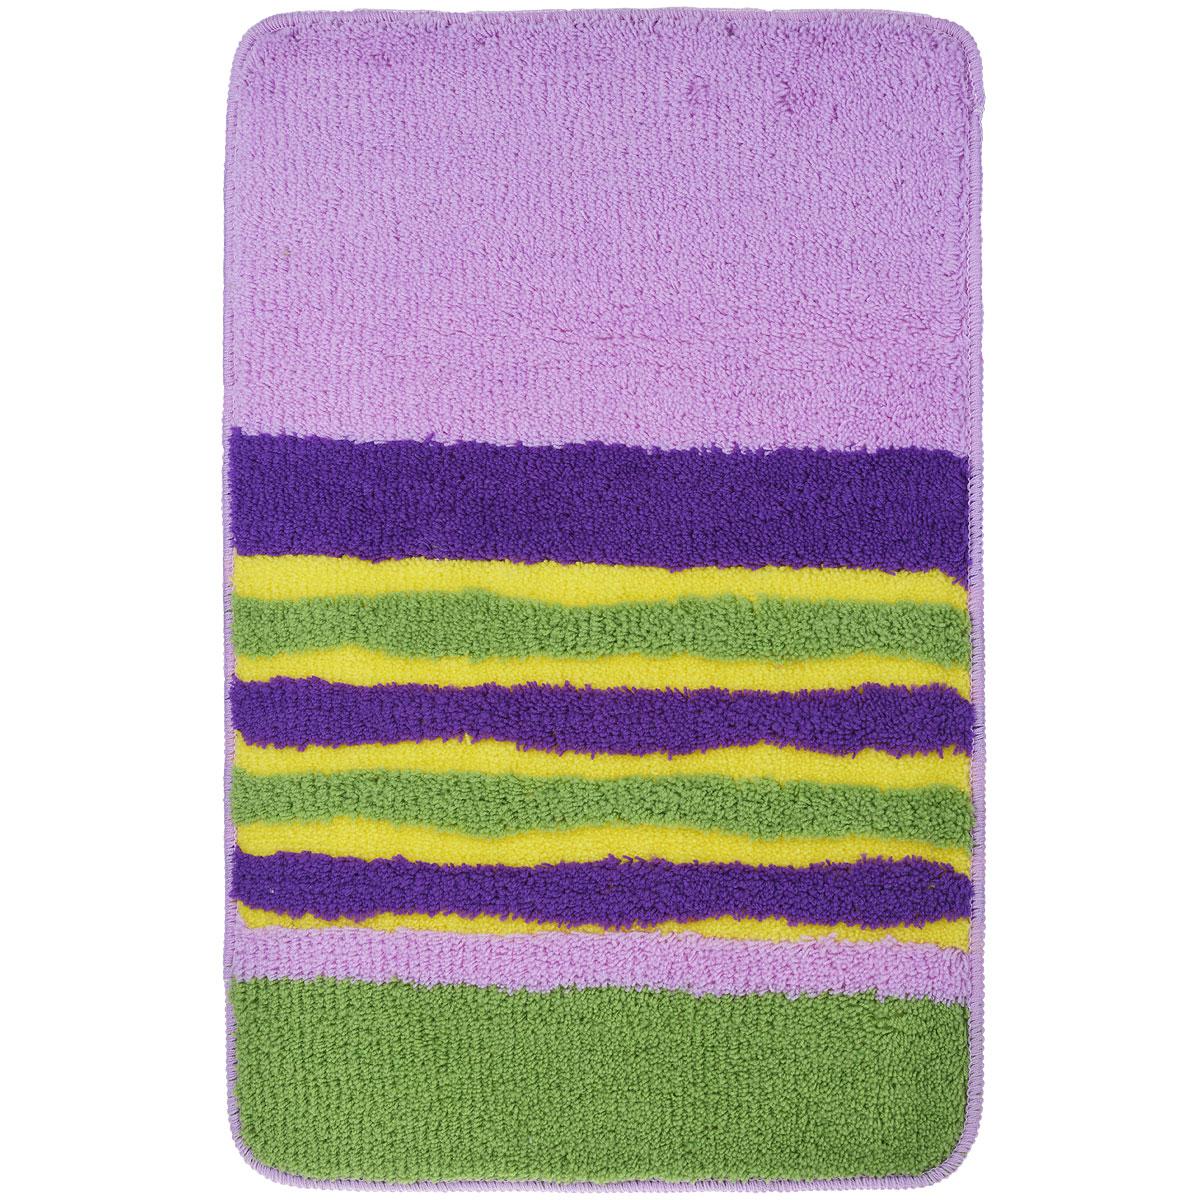 Коврик для ванной комнаты Fresh Code, цвет: сиреневый с полосками, 80 см х 50 см54930Коврик для ванной Fresh Code изготовлен из 100% акрила с латексной основой. Коврик, украшенный ярким цветным рисунком, создаст уют и комфорт в ванной комнате. Длинный ворс мягко соприкасается с кожей стоп, вызывая только приятные ощущения. Рекомендации по уходу: - стирать в ручном режиме, - не использовать отбеливатели, - не гладить, - не подходит для сухой чистки (химчистки).